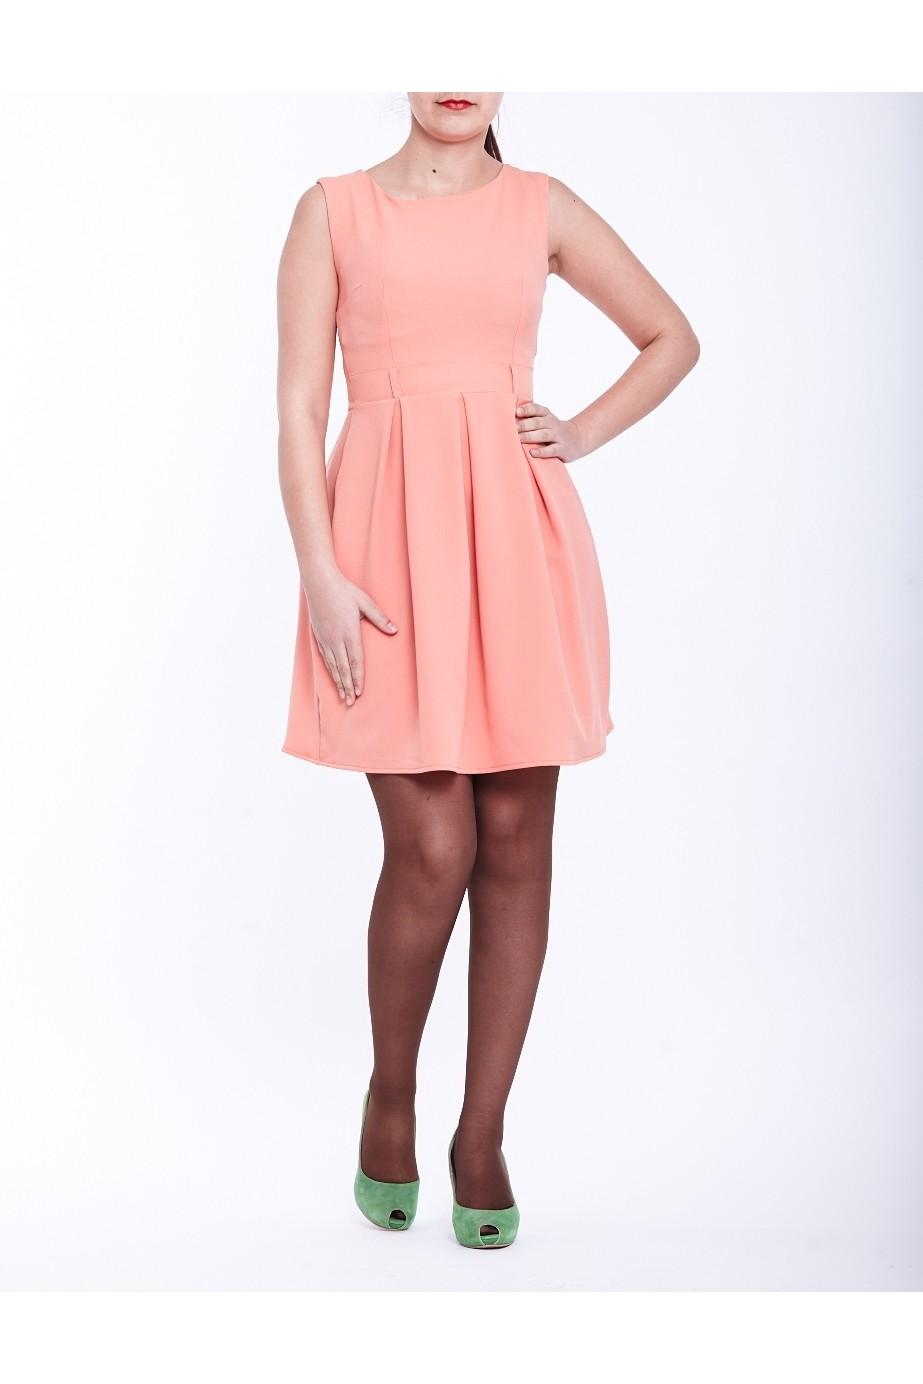 Rochie roz uni cu cute TinaR 38